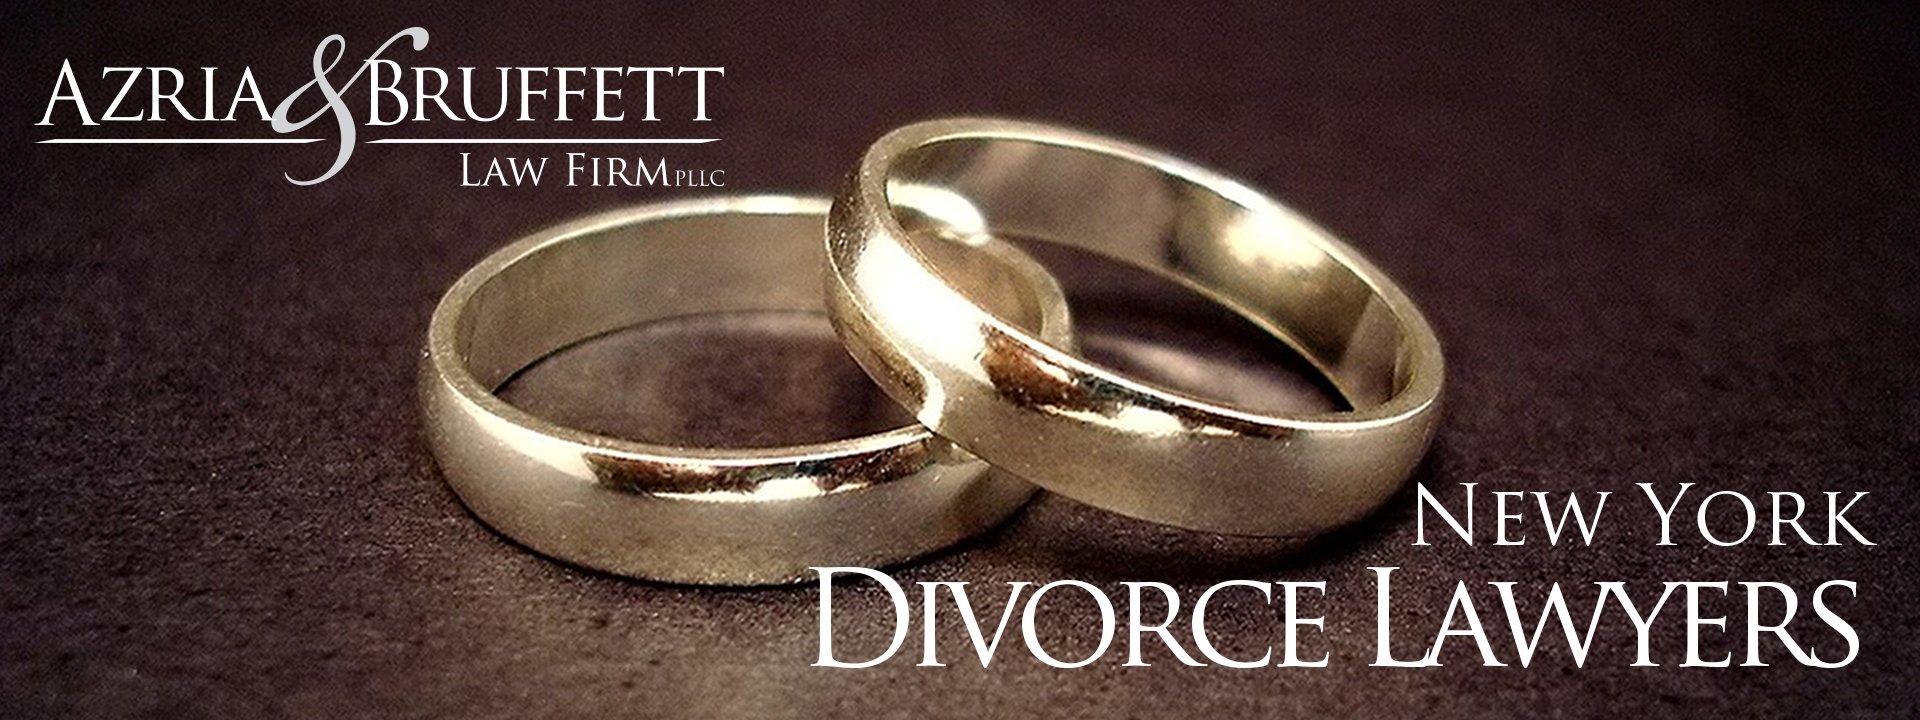 Divorce Lawyers in Syracuse NY, Azria & Bruffett